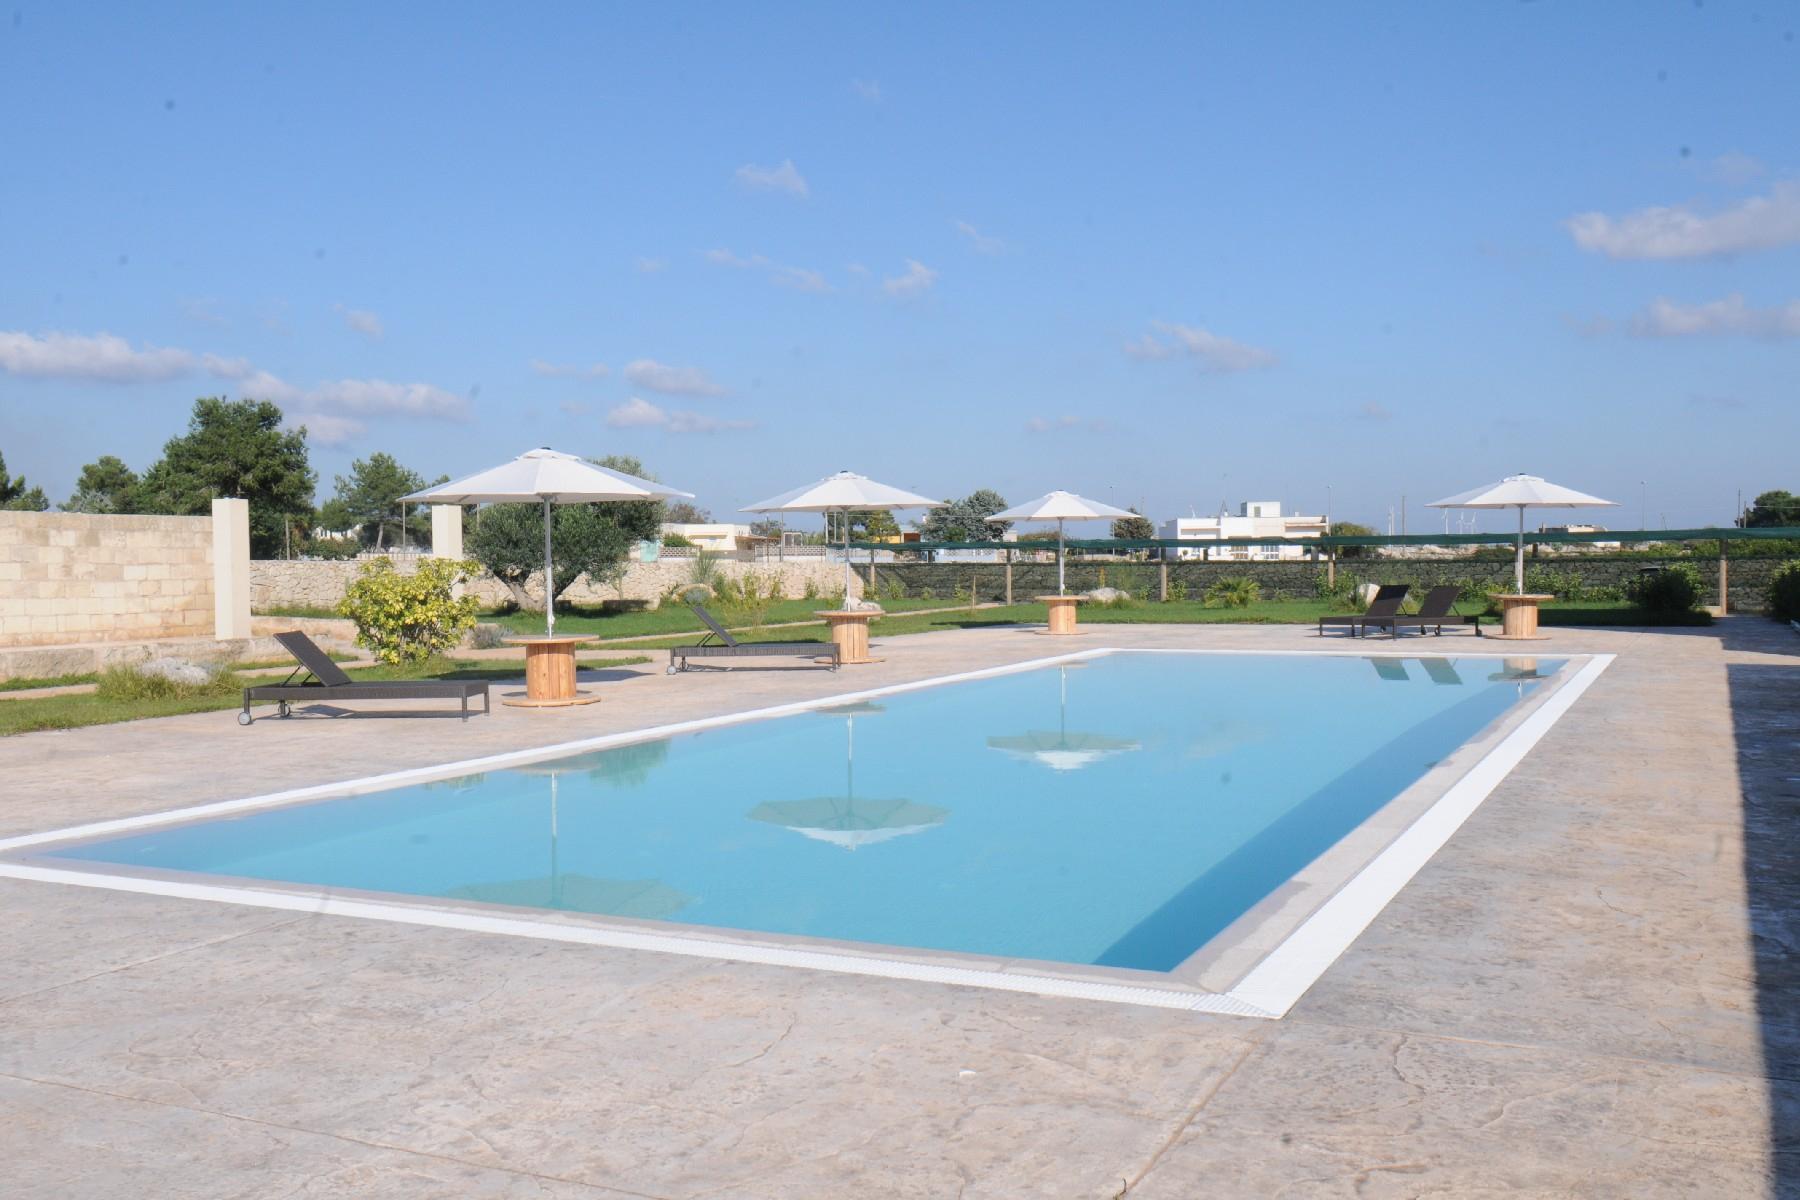 Villa in Vendita a Martano: 5 locali, 850 mq - Foto 2